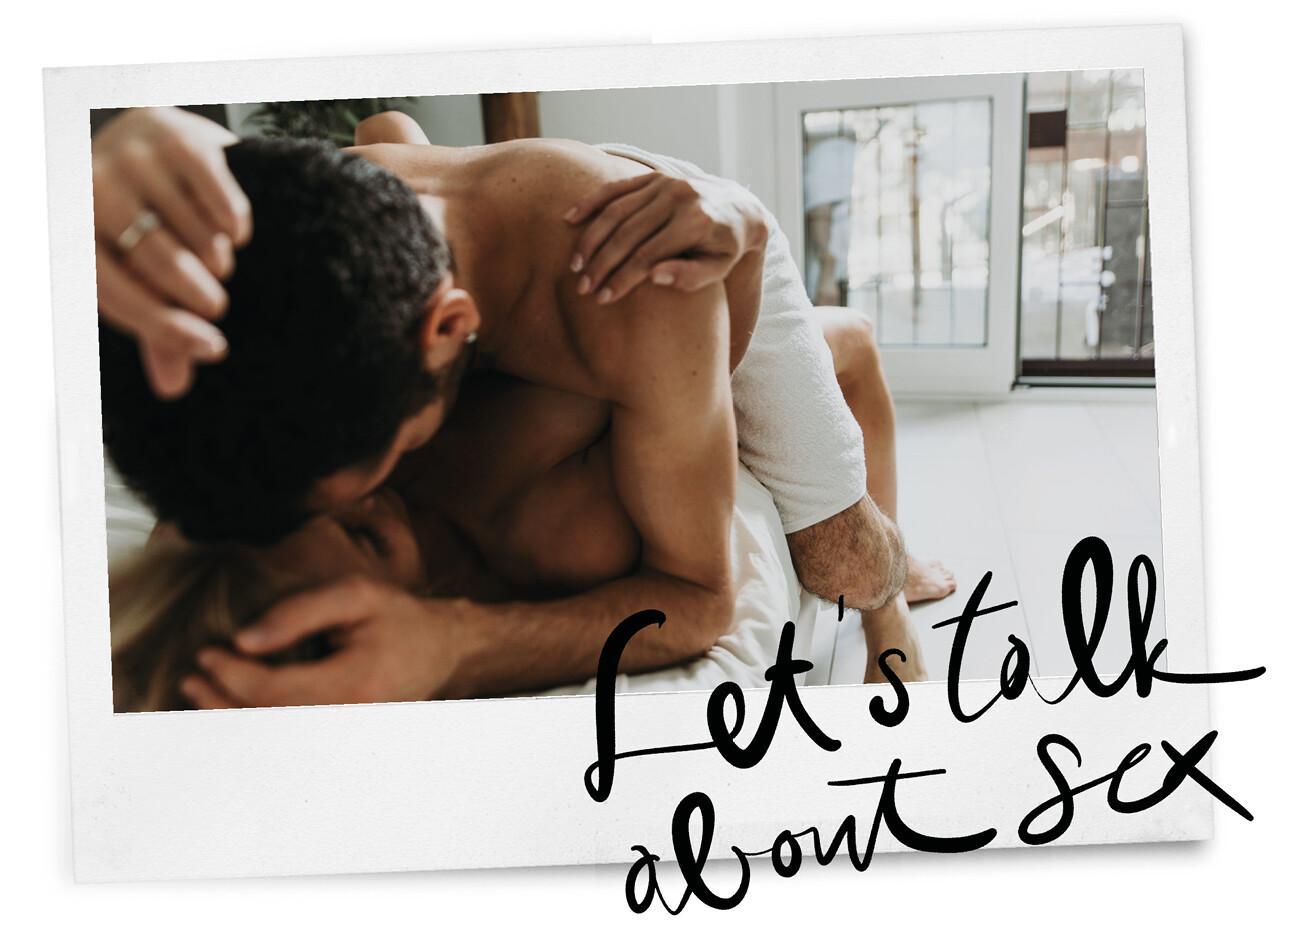 man en vrouw hebben seks op bed